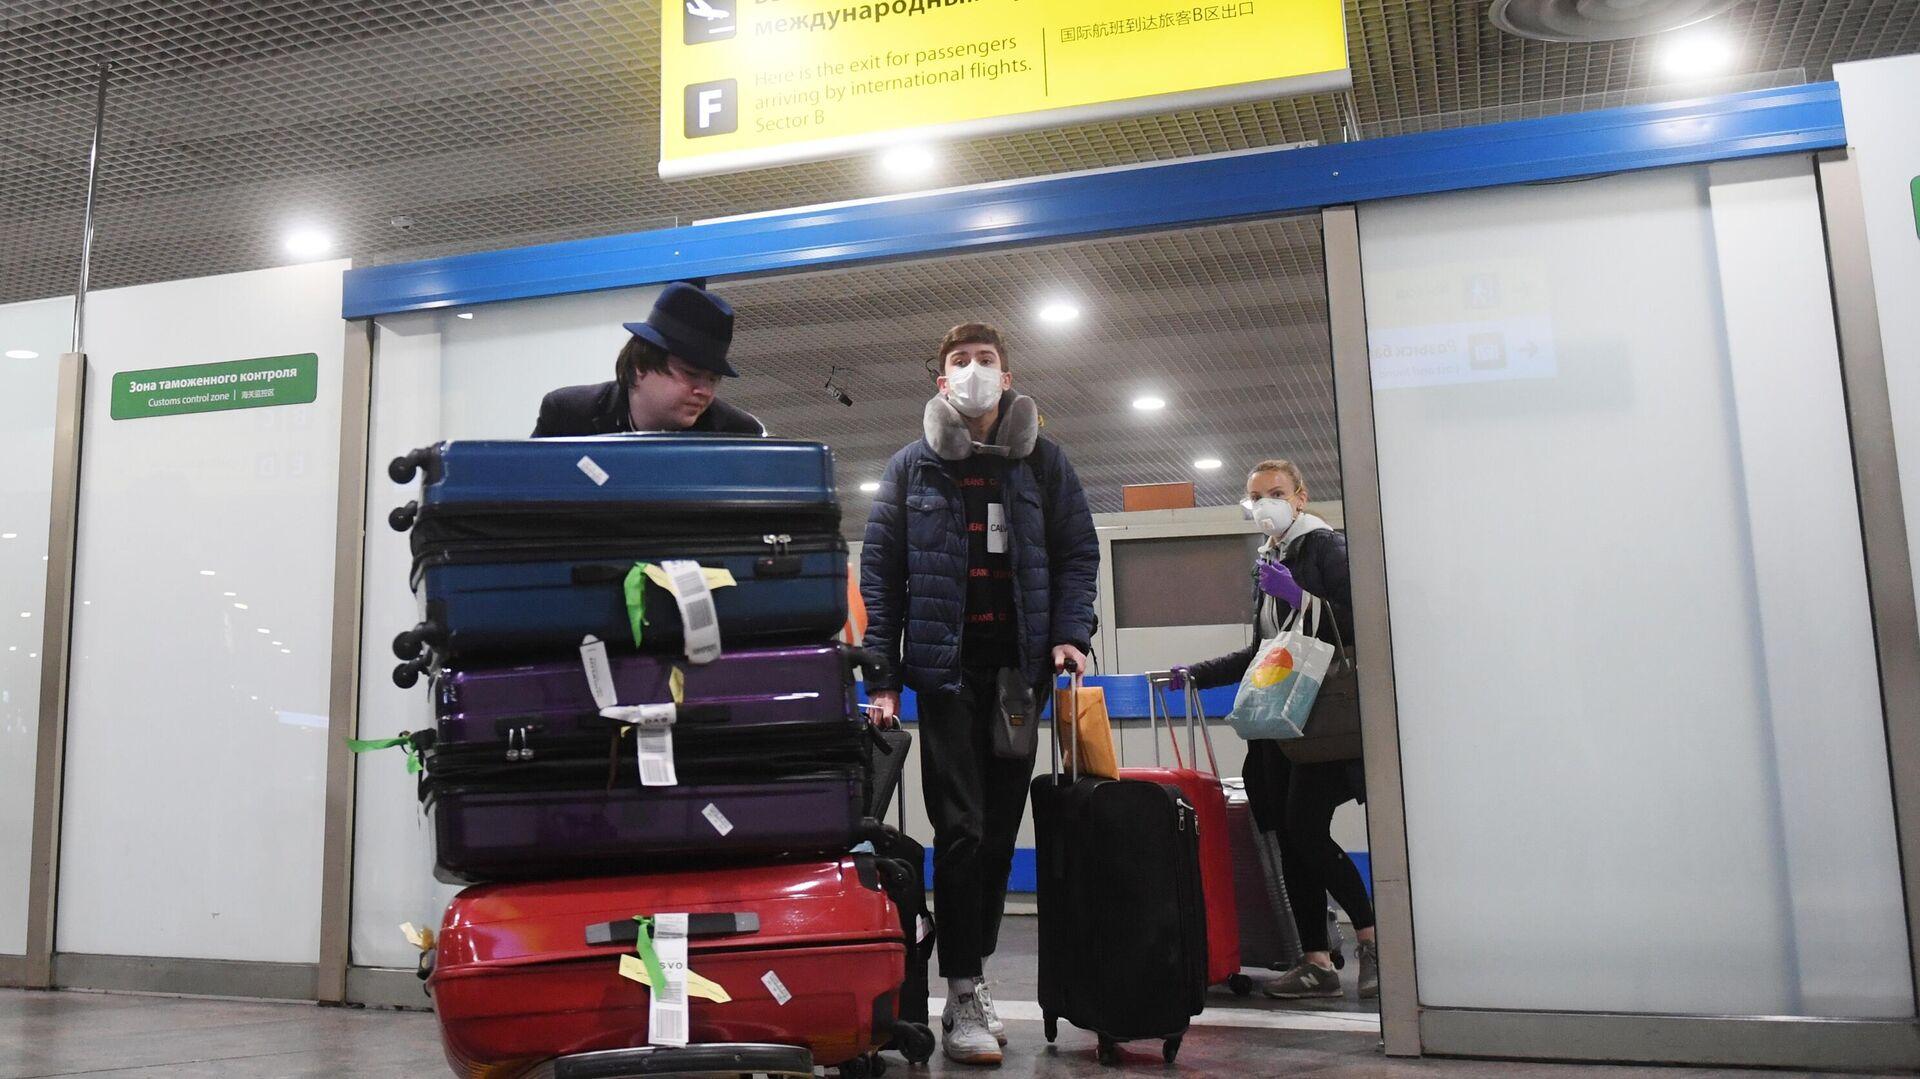 Пассажиры рейса Нью-Йорк - Москва в аэропорту Шереметьево - РИА Новости, 1920, 17.01.2021